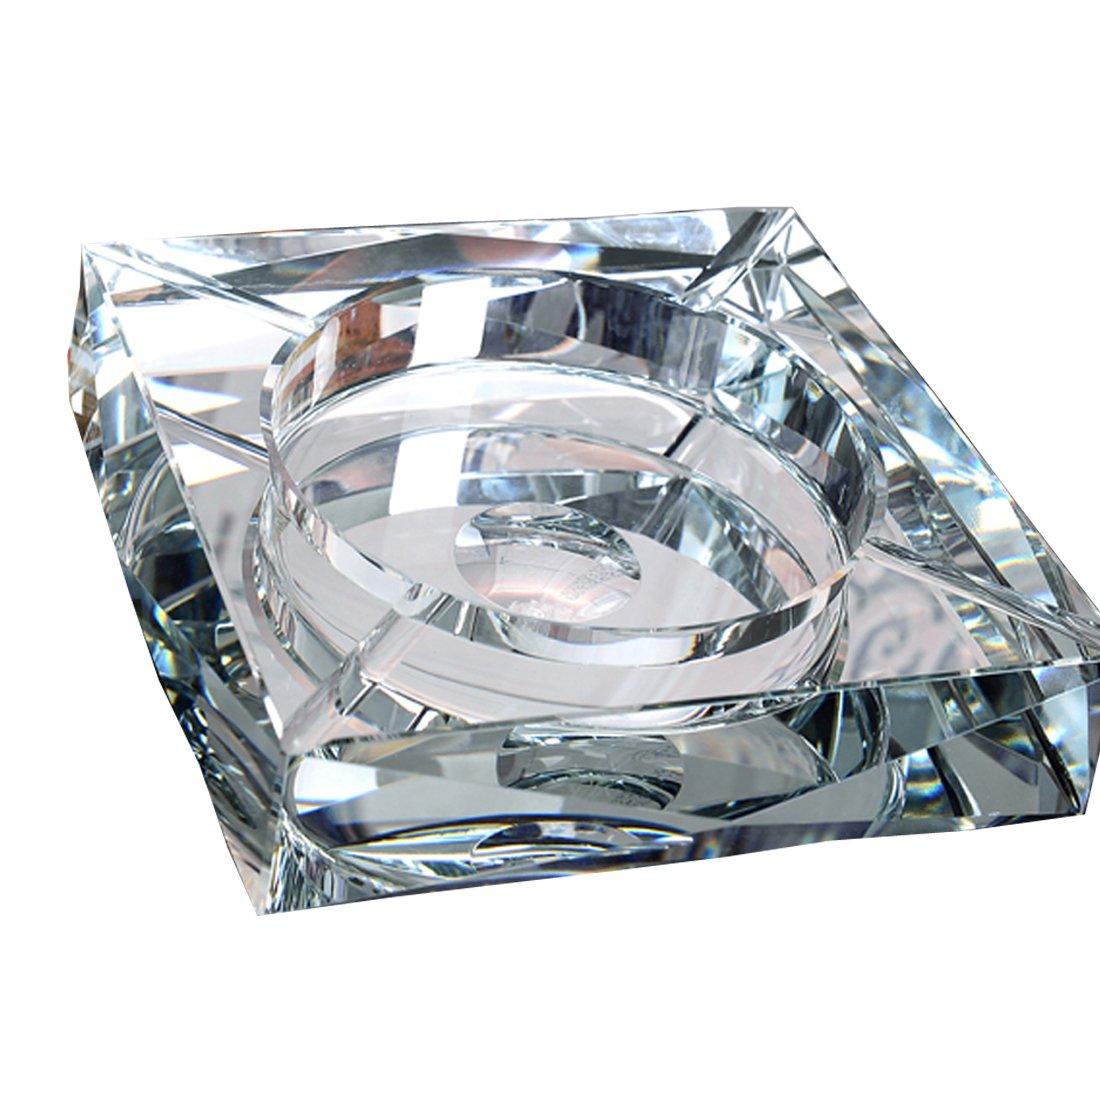 灰皿 クリスタル ガラス スクエア 高級 アッシュトレイ おしゃれ灰皿 シルバー 15cm OSONA B01HI2WHT4 15cm|シルバー シルバー 15cm